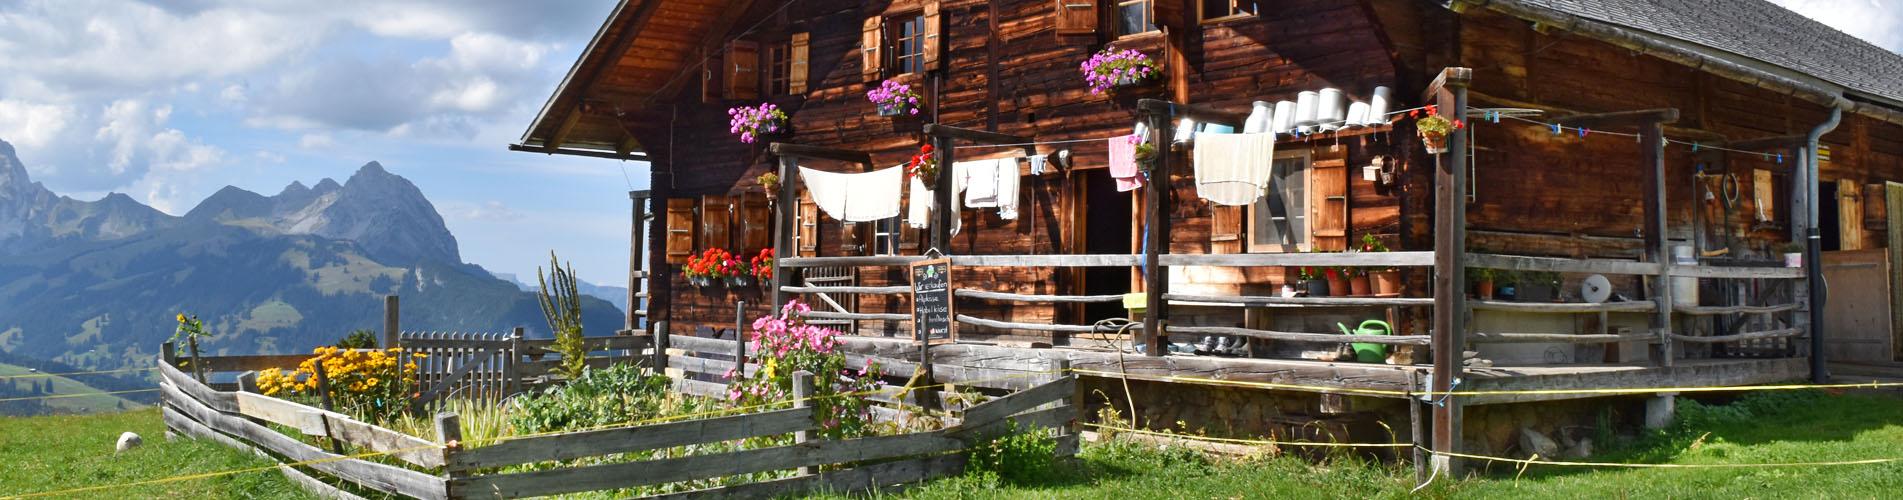 Wanderungen in der Region Gstaad und Saanenland, Berner Oberland – Jetzt geht's los auf die schönsten Wanderwege im Saanenland.